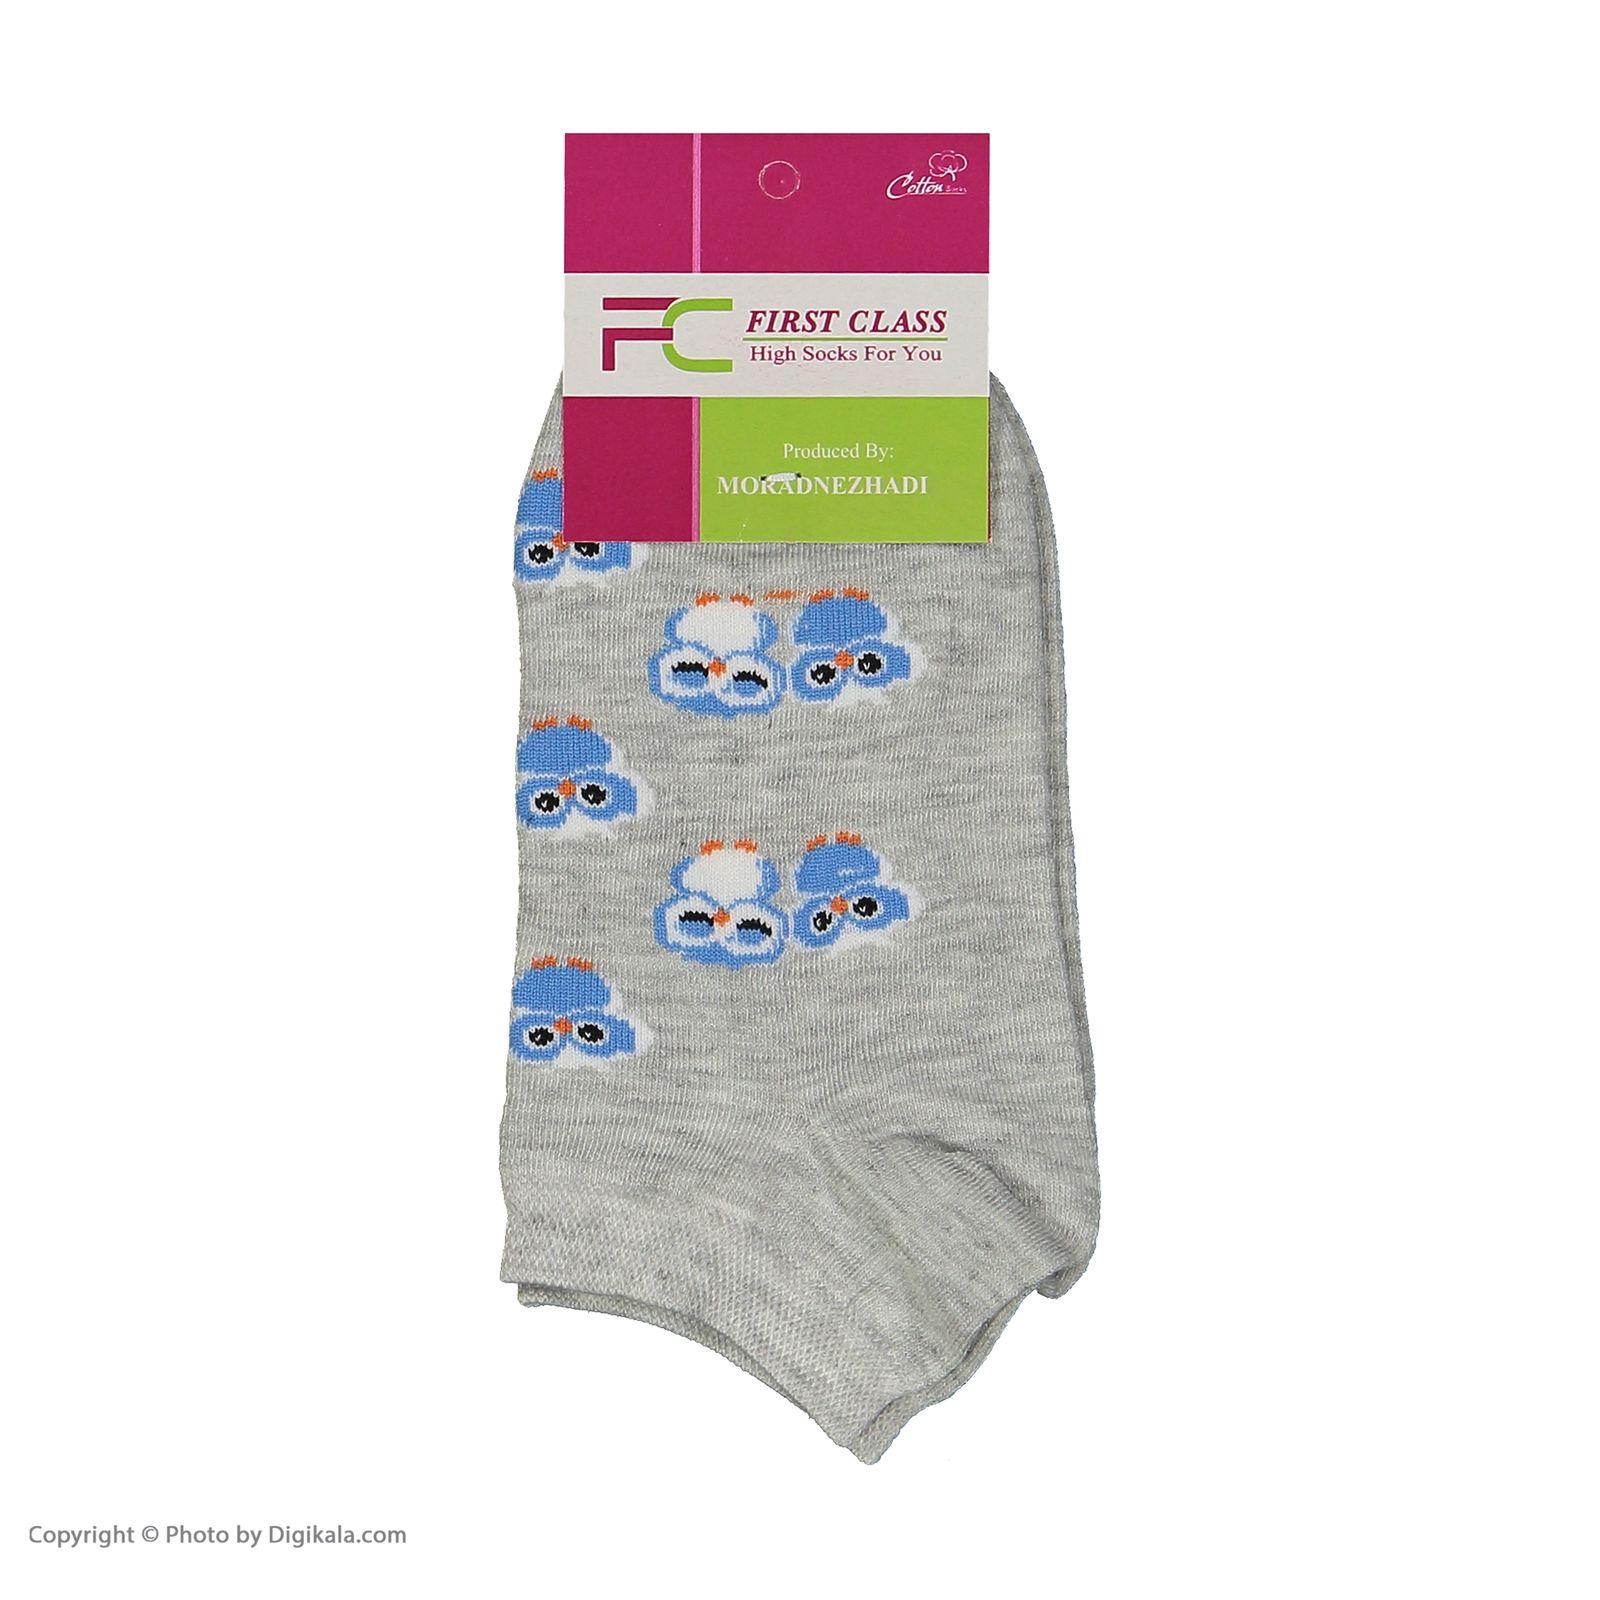 جوراب زنانه فرست کلاس مدل M2001 مجموعه 6 عددی -  - 7